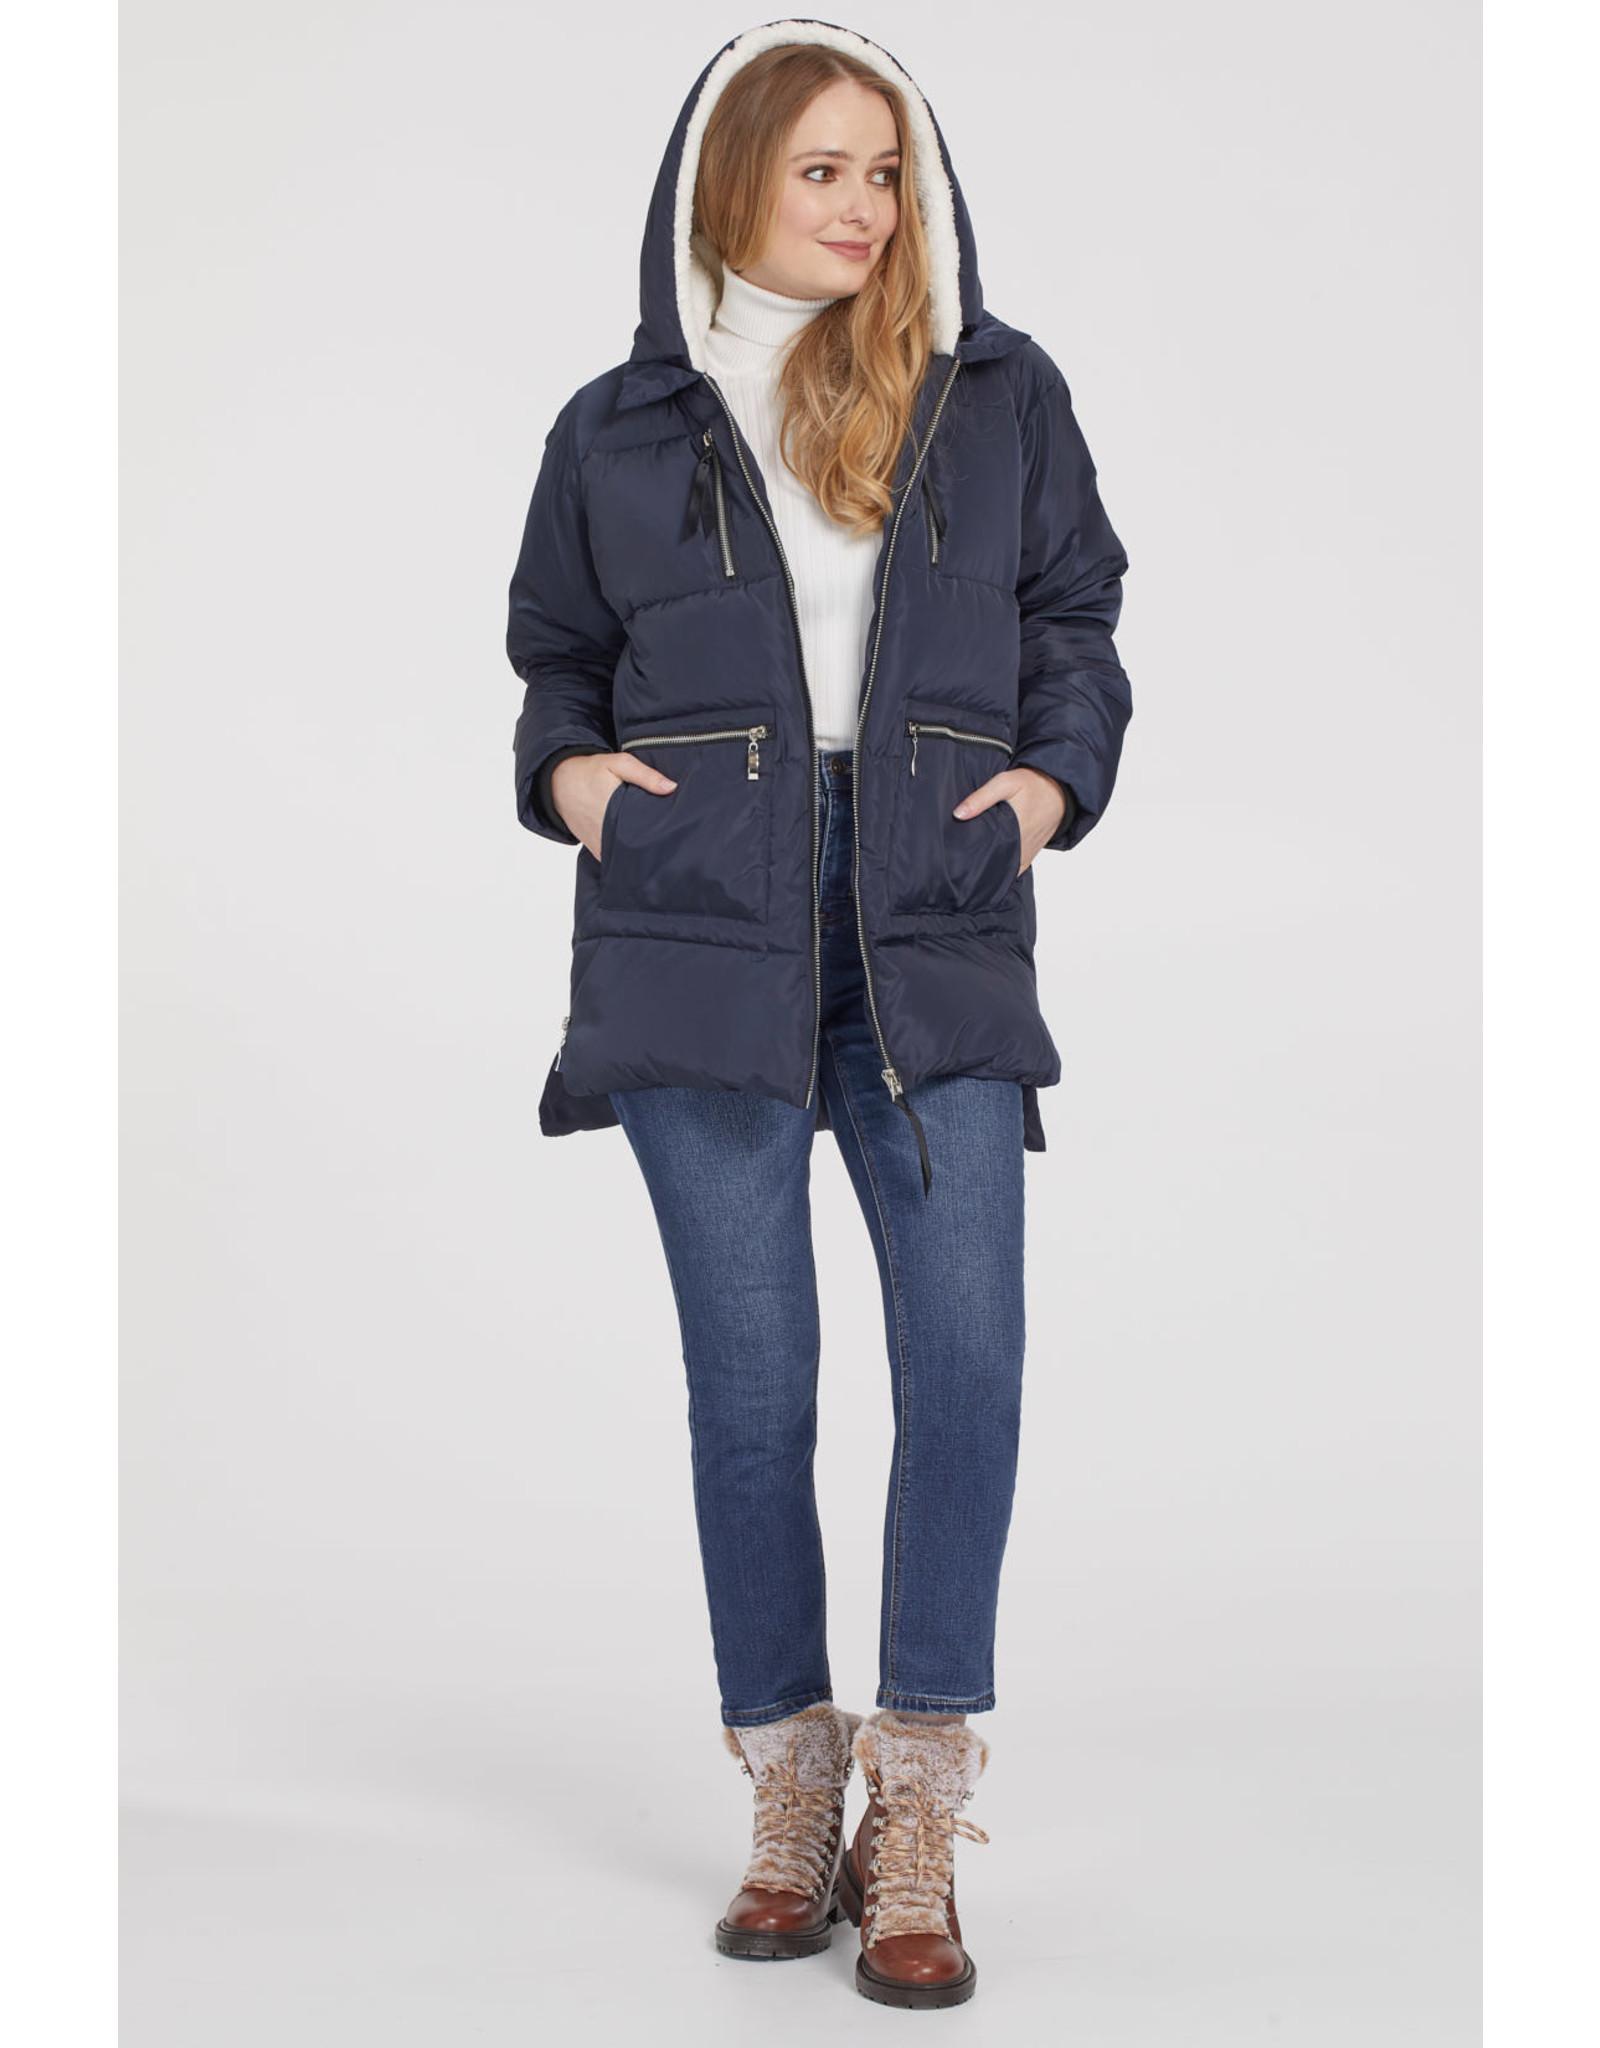 Tribal Warm Winter Puffer Jacket 43160